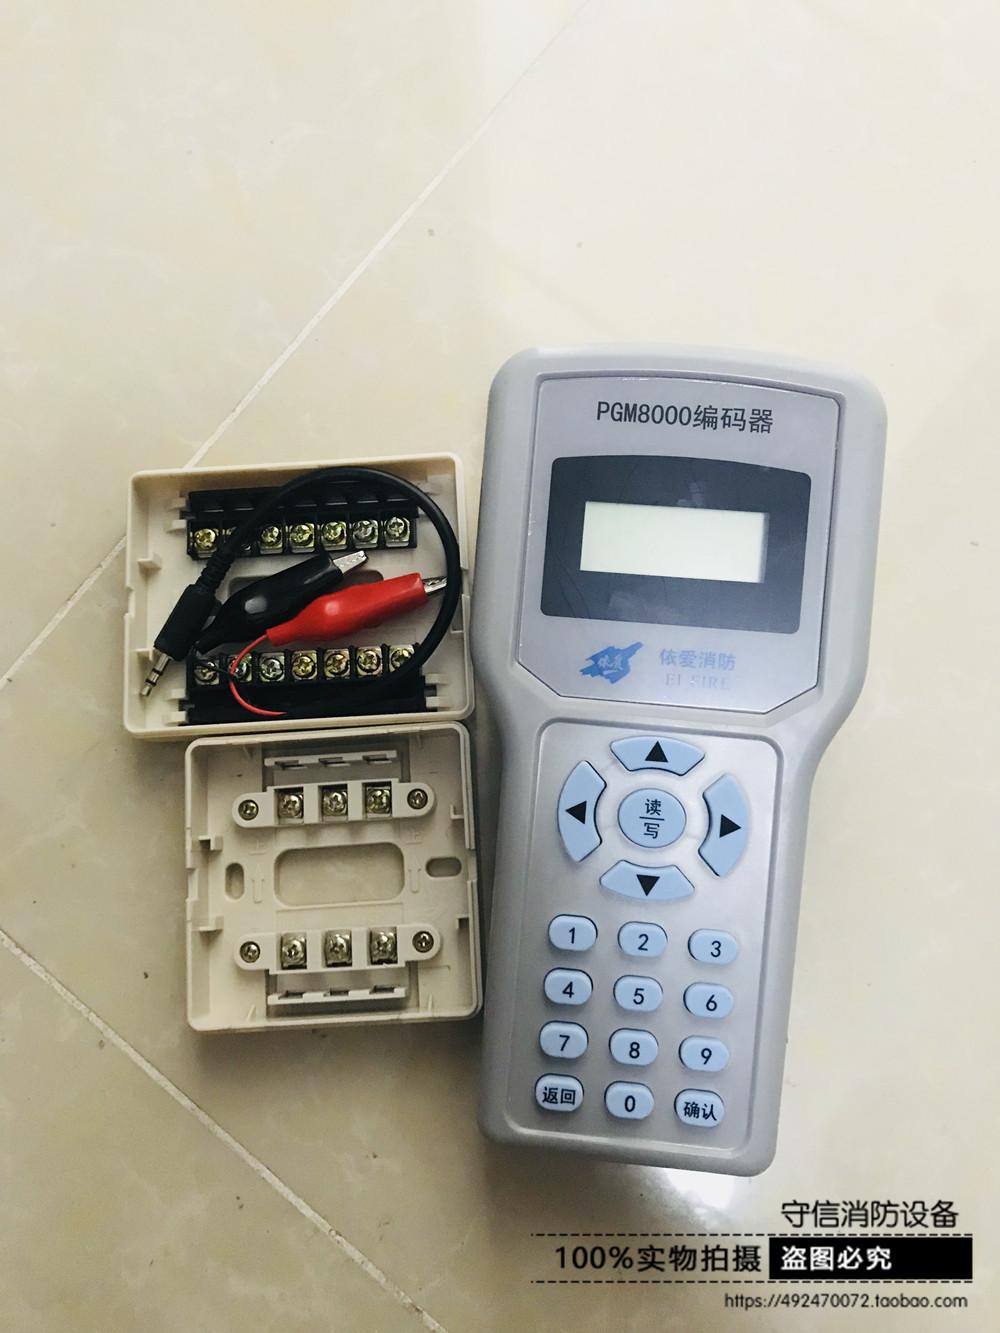 依爱通用编码器 PGM8000/A  编依爱烟感温感手报模块地址码 现货